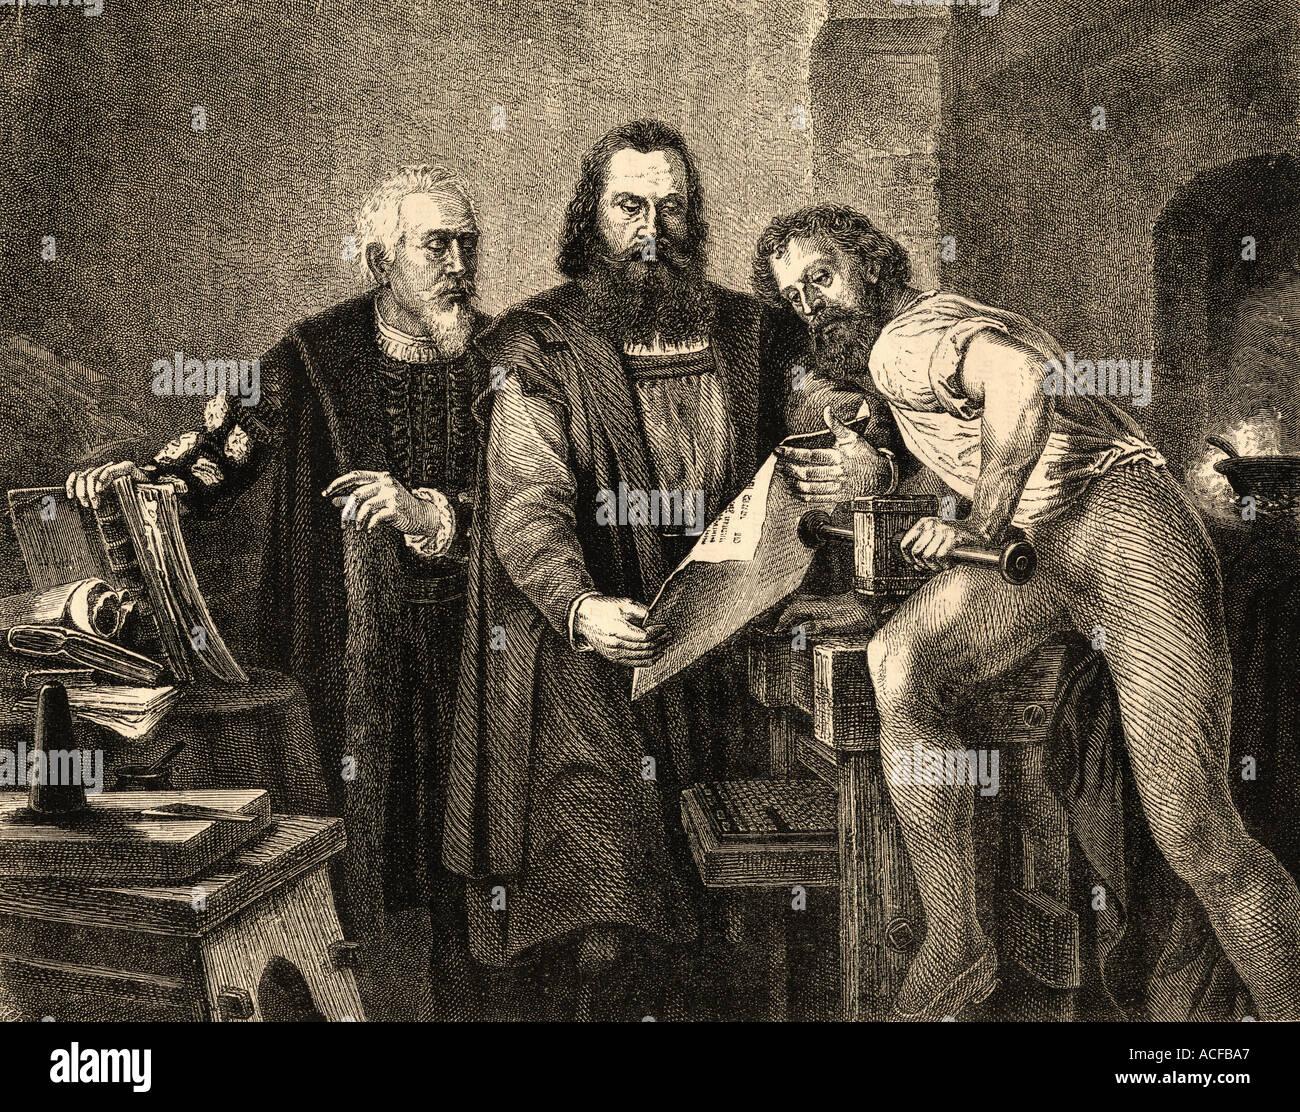 Johann Fust or Faust c.1400 - 1466, John Gutenberg, 1400 -1468 and Peter Schoeffer or Petrus Schoeffer. c. 1425 Stock Photo